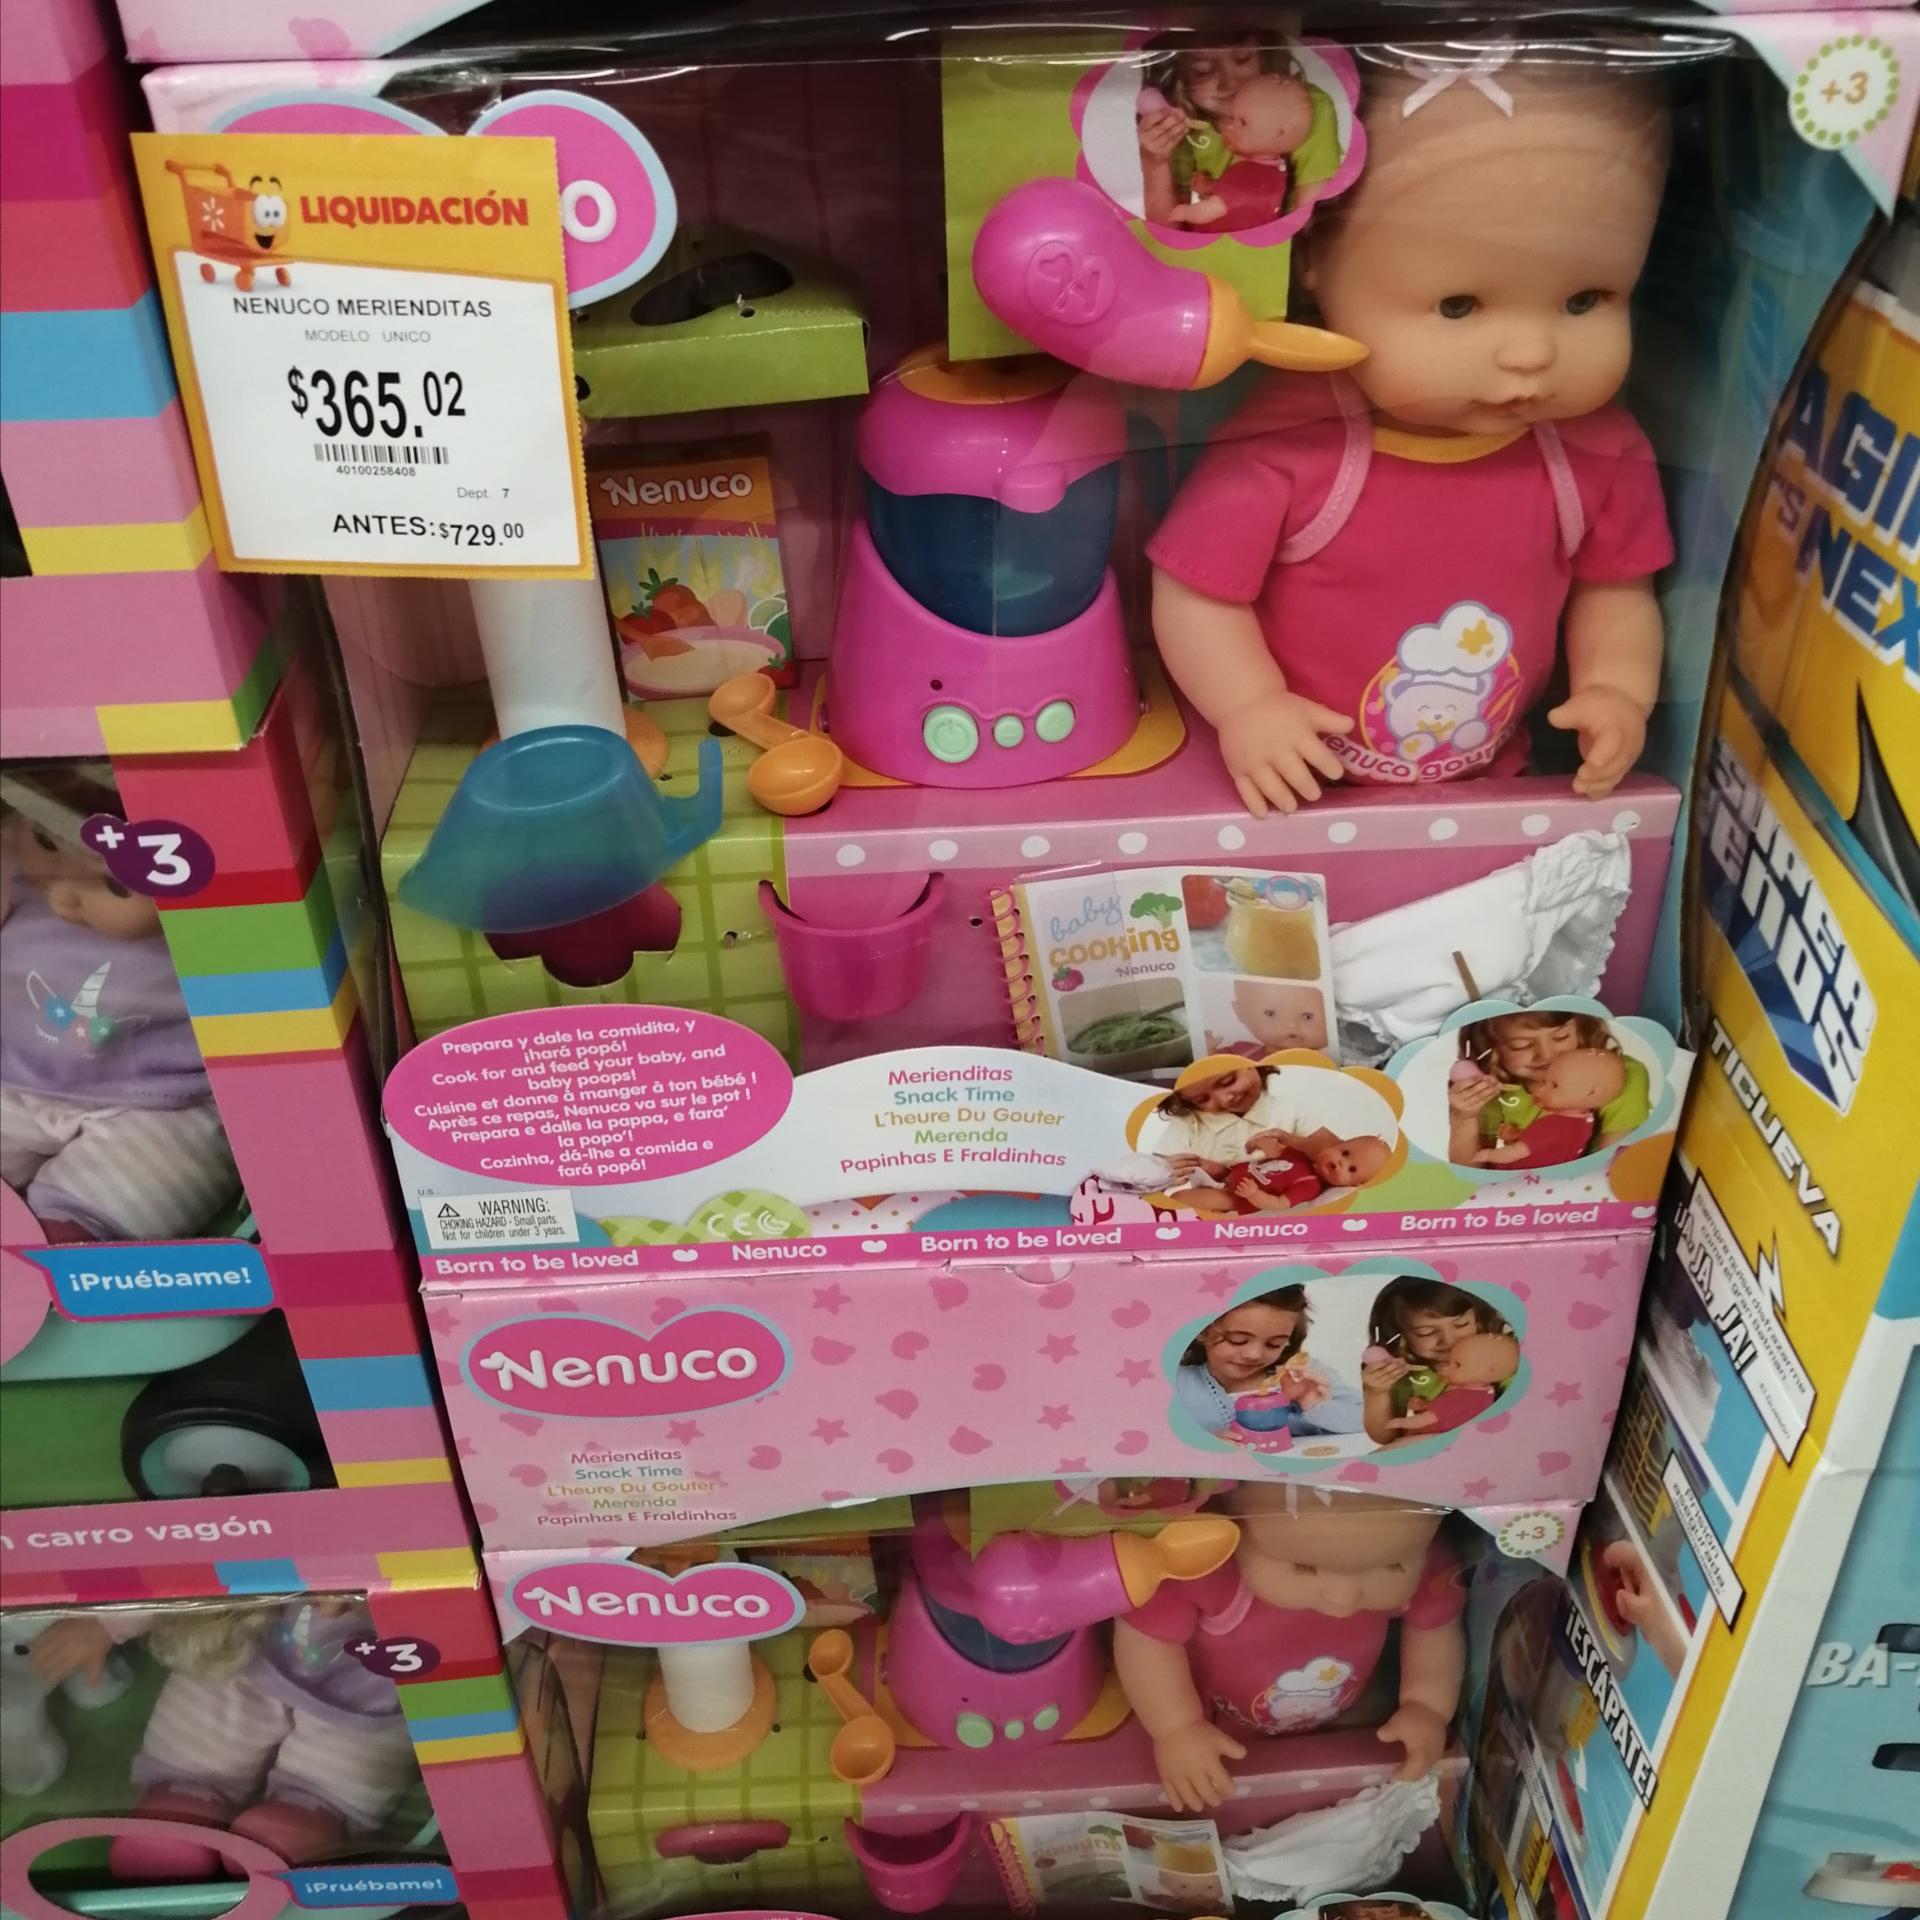 Walmart: Nenuco merienditas y otros juguetes en segunda liquidación.